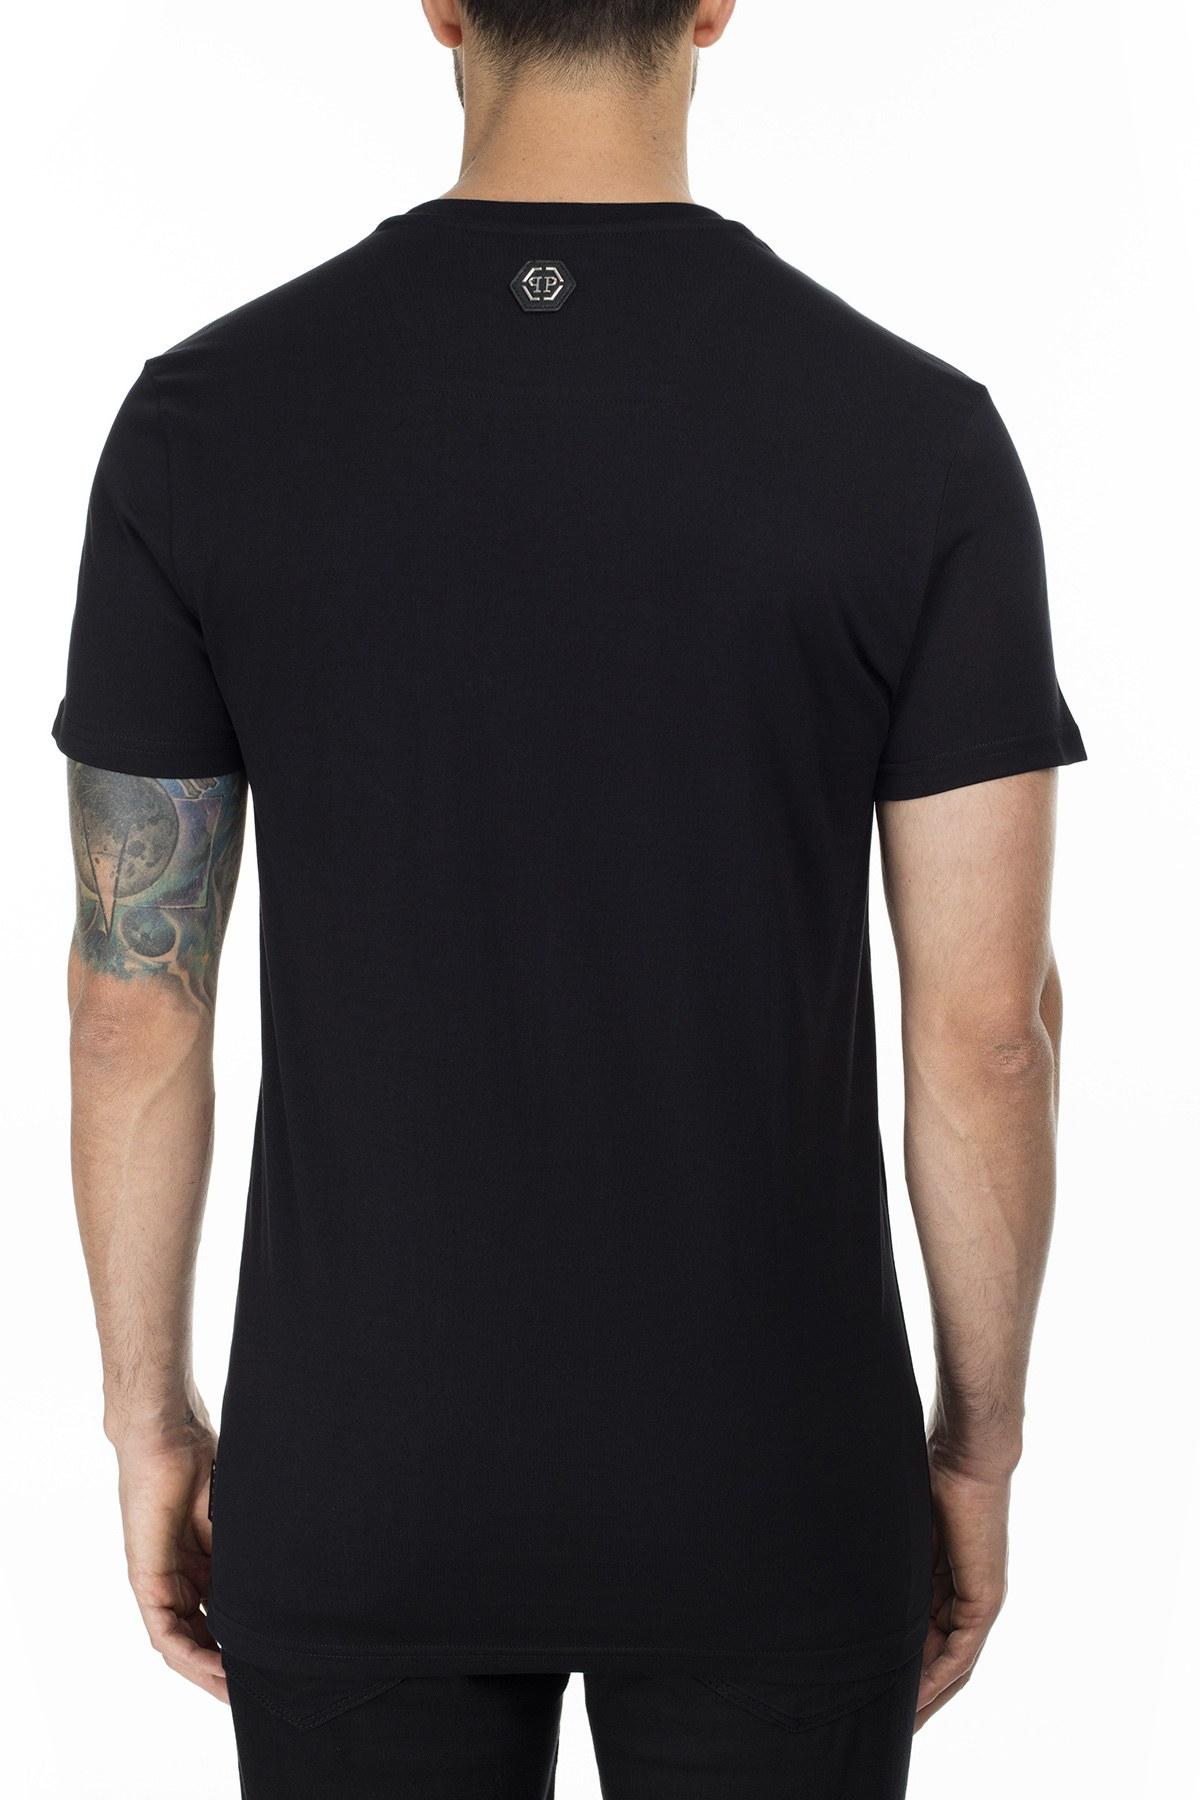 Philipp Plein Erkek T Shirt P20C MTK4429 PJY002N 02 SİYAH